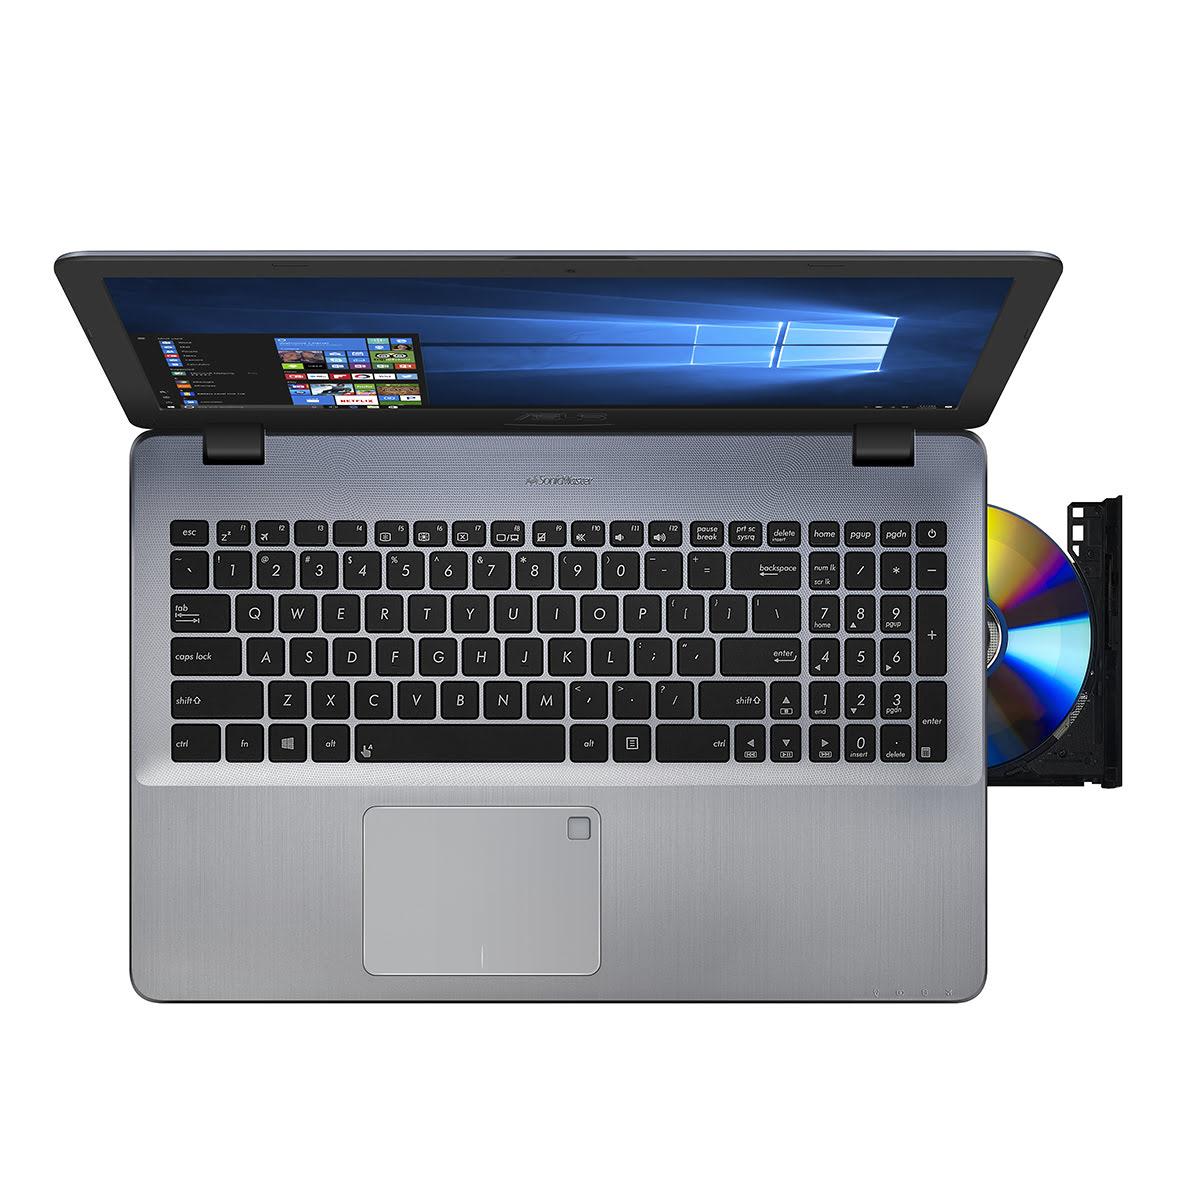 Asus 90NB0IJ2-M05960 - PC portable Asus - Cybertek.fr - 3